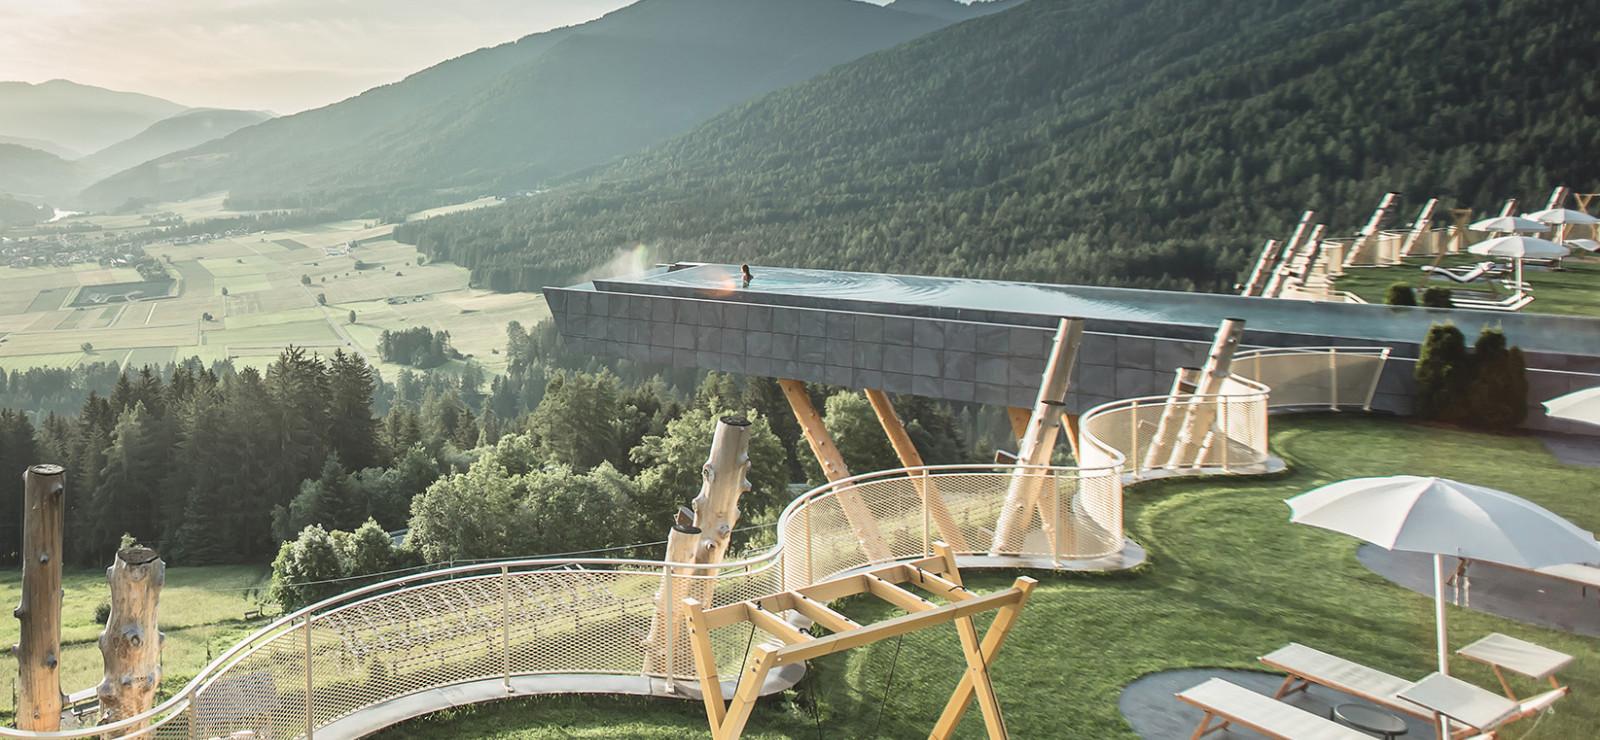 Alpin Panorama Hotel Hubertus Bilder | Bild 1